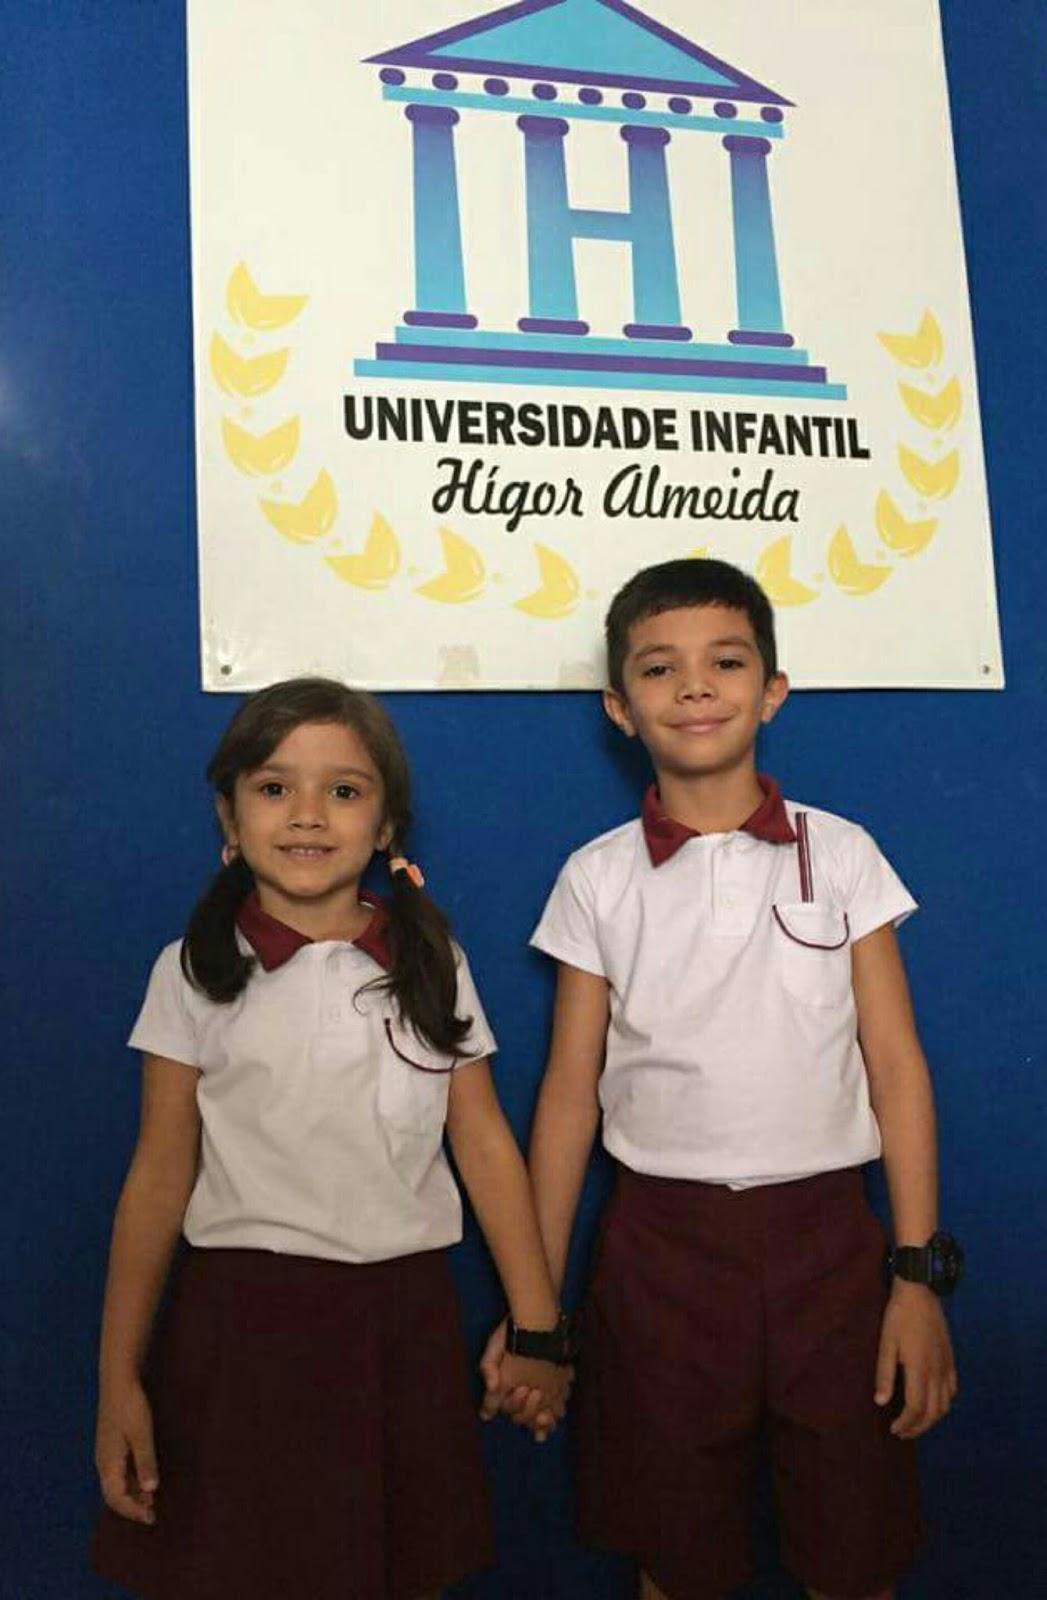 Universidade Infantil apresenta novo uniforme da escola ~ Labareeda ... 0983b9e193d8d